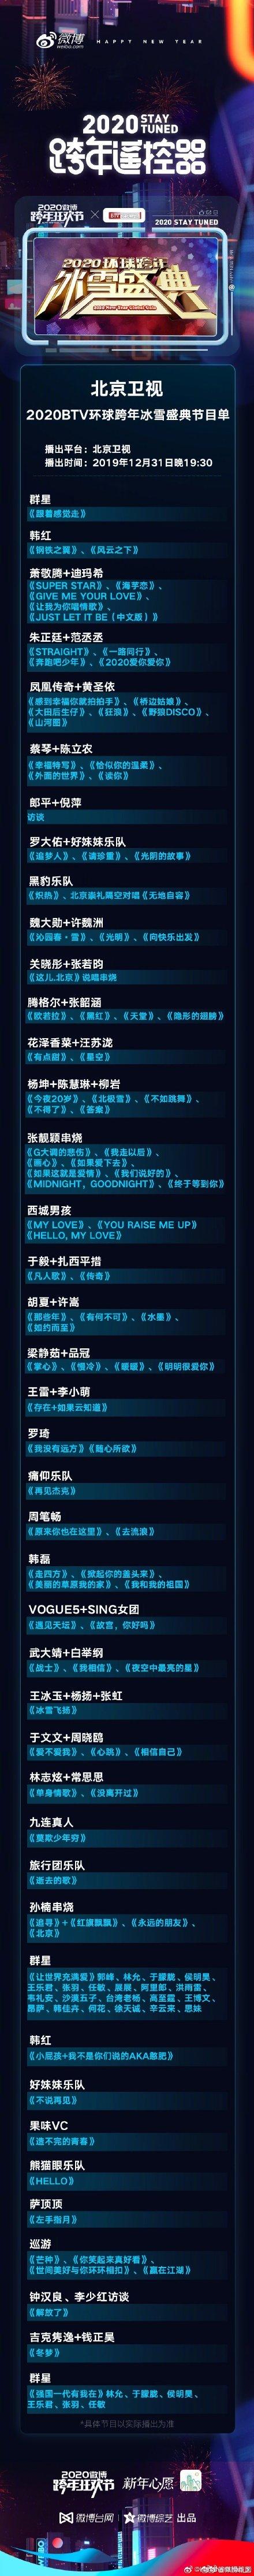 2020北京衛視跨年晚會節目單 北京衛視跨年晚會幾點開始